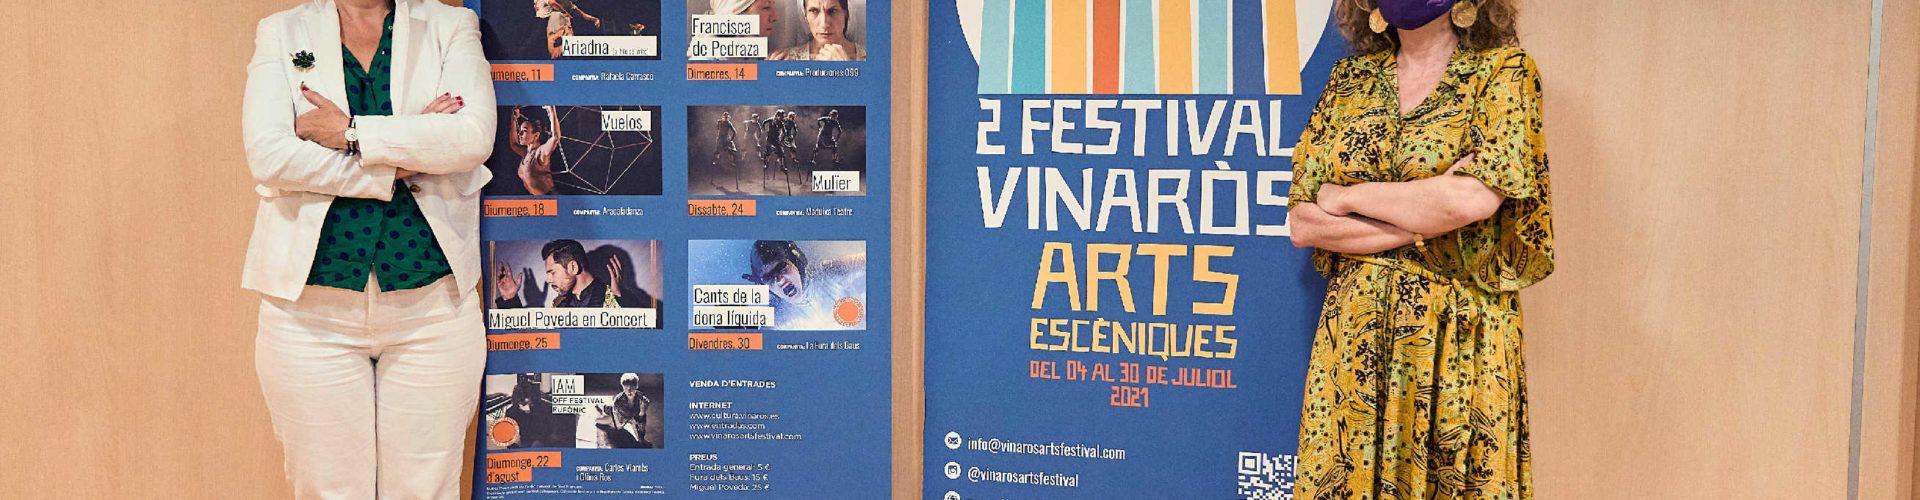 Cultura Vinaròs presenta la segona edició del Festival Vinaròs Arts Escèniques